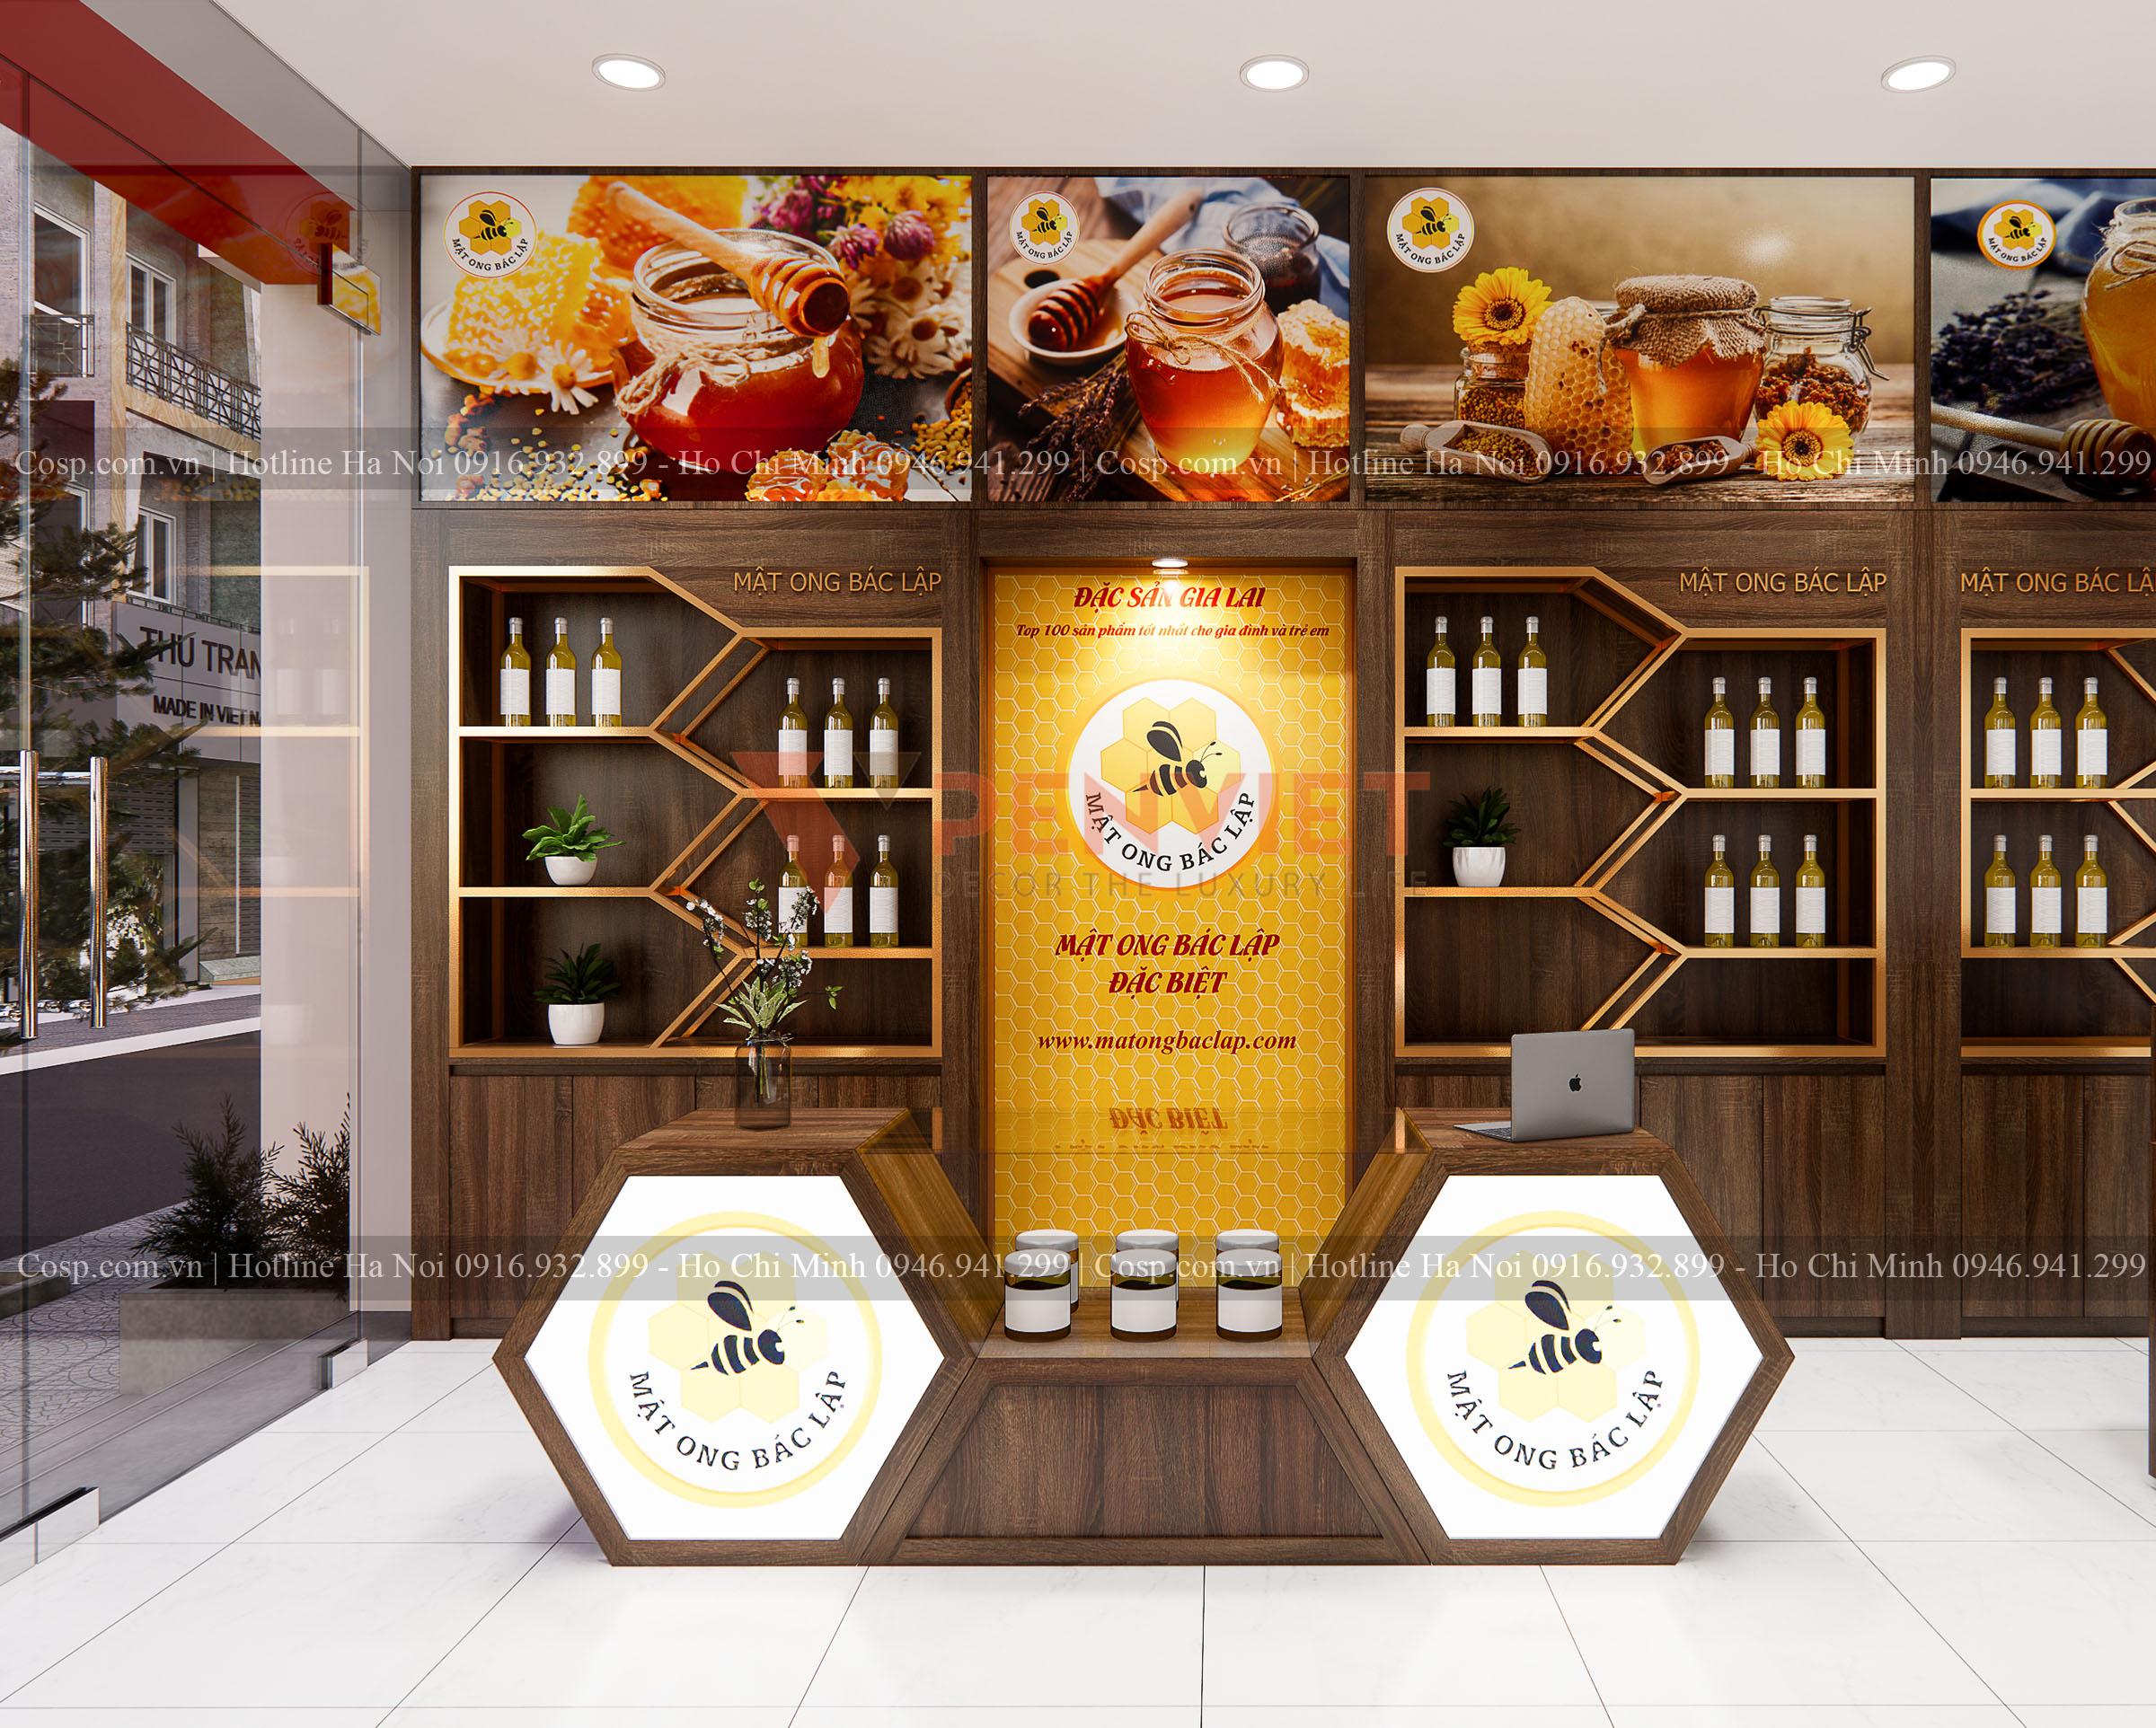 Thiết kế shop mật ong Bác Lập - phần kệ tủ trưng bày sát cửa ra vào